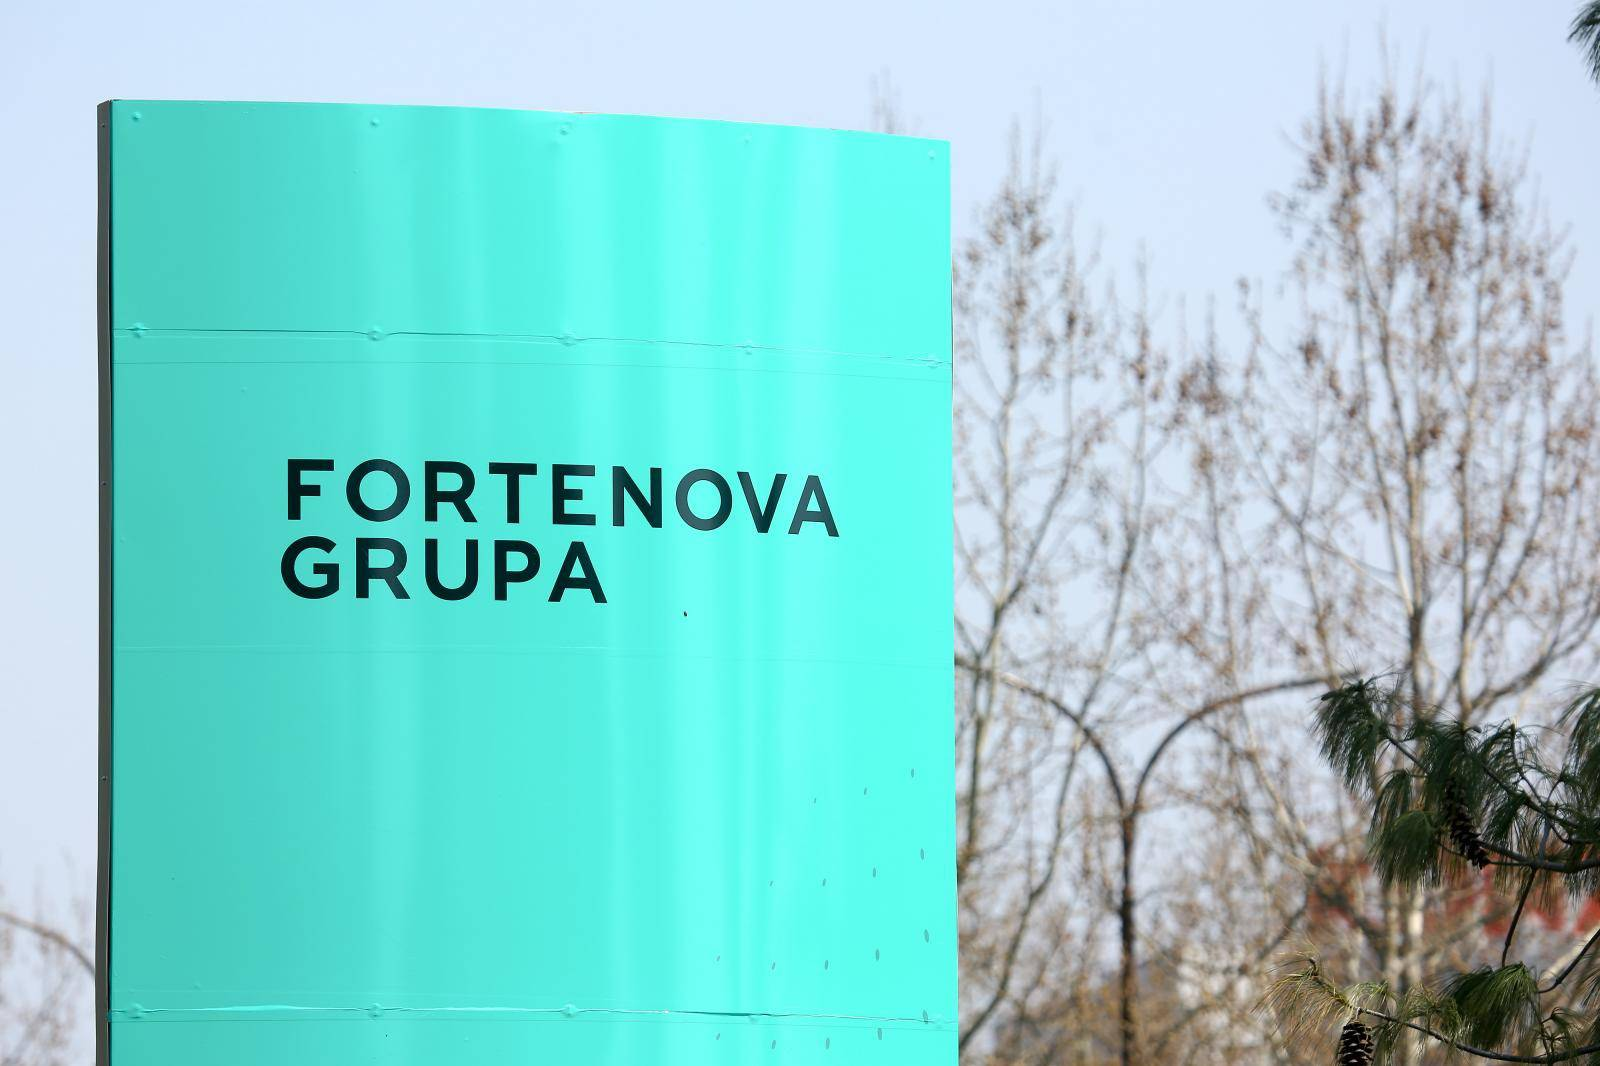 Fortenova grupa: Velpro-centar će se pripojiti Konzumu plus